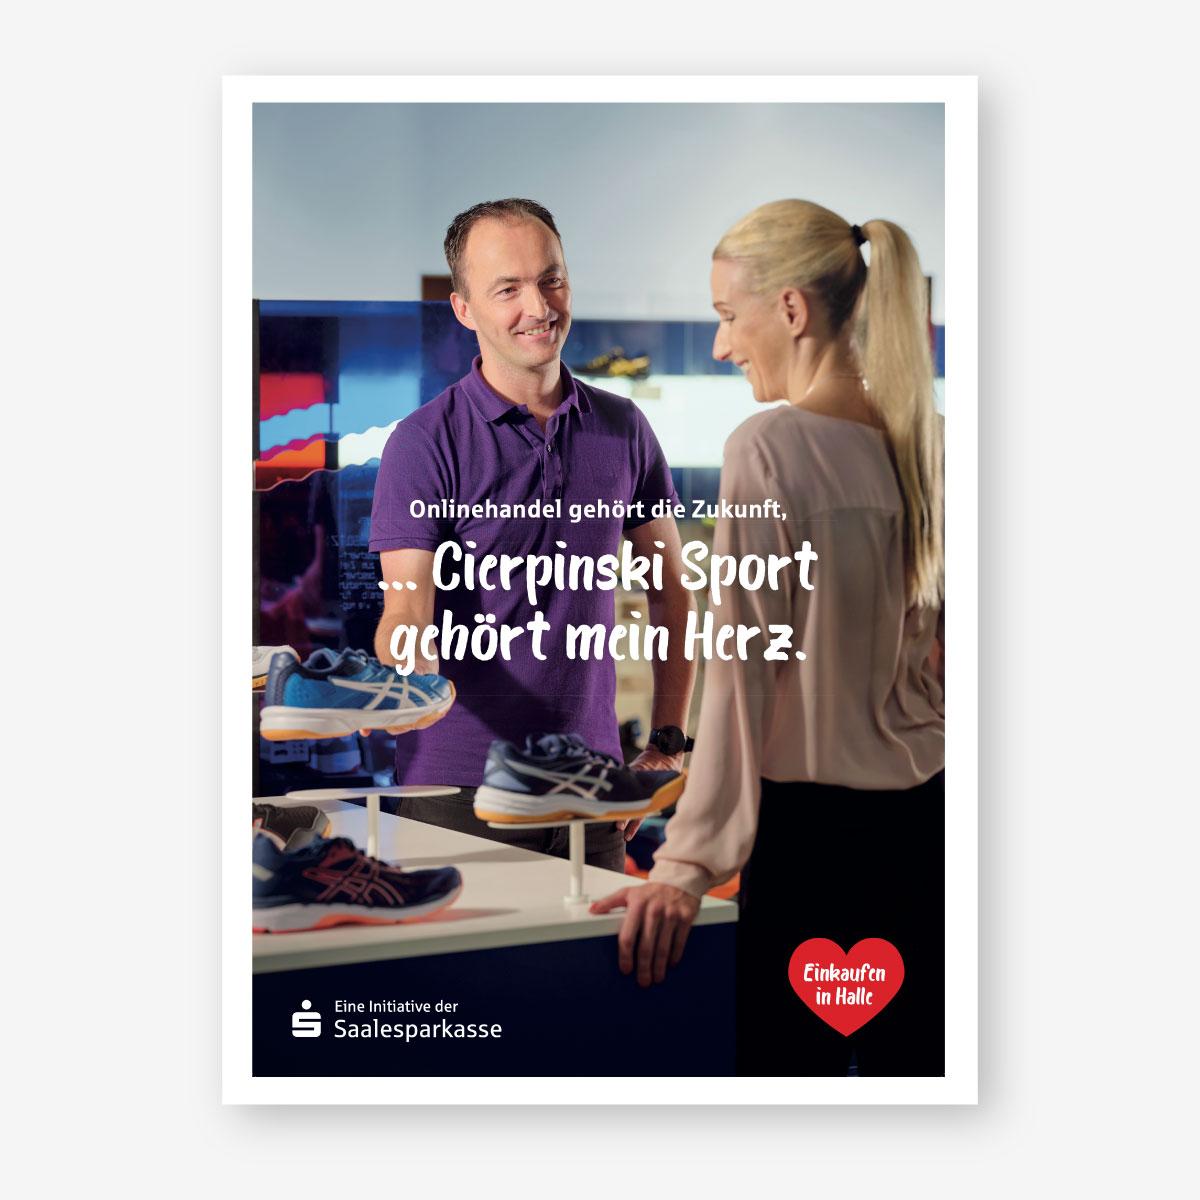 Kampagne der Saalesparkasse für Händler in der Region: Plakatmotiv: Sporthaus Cierpinski